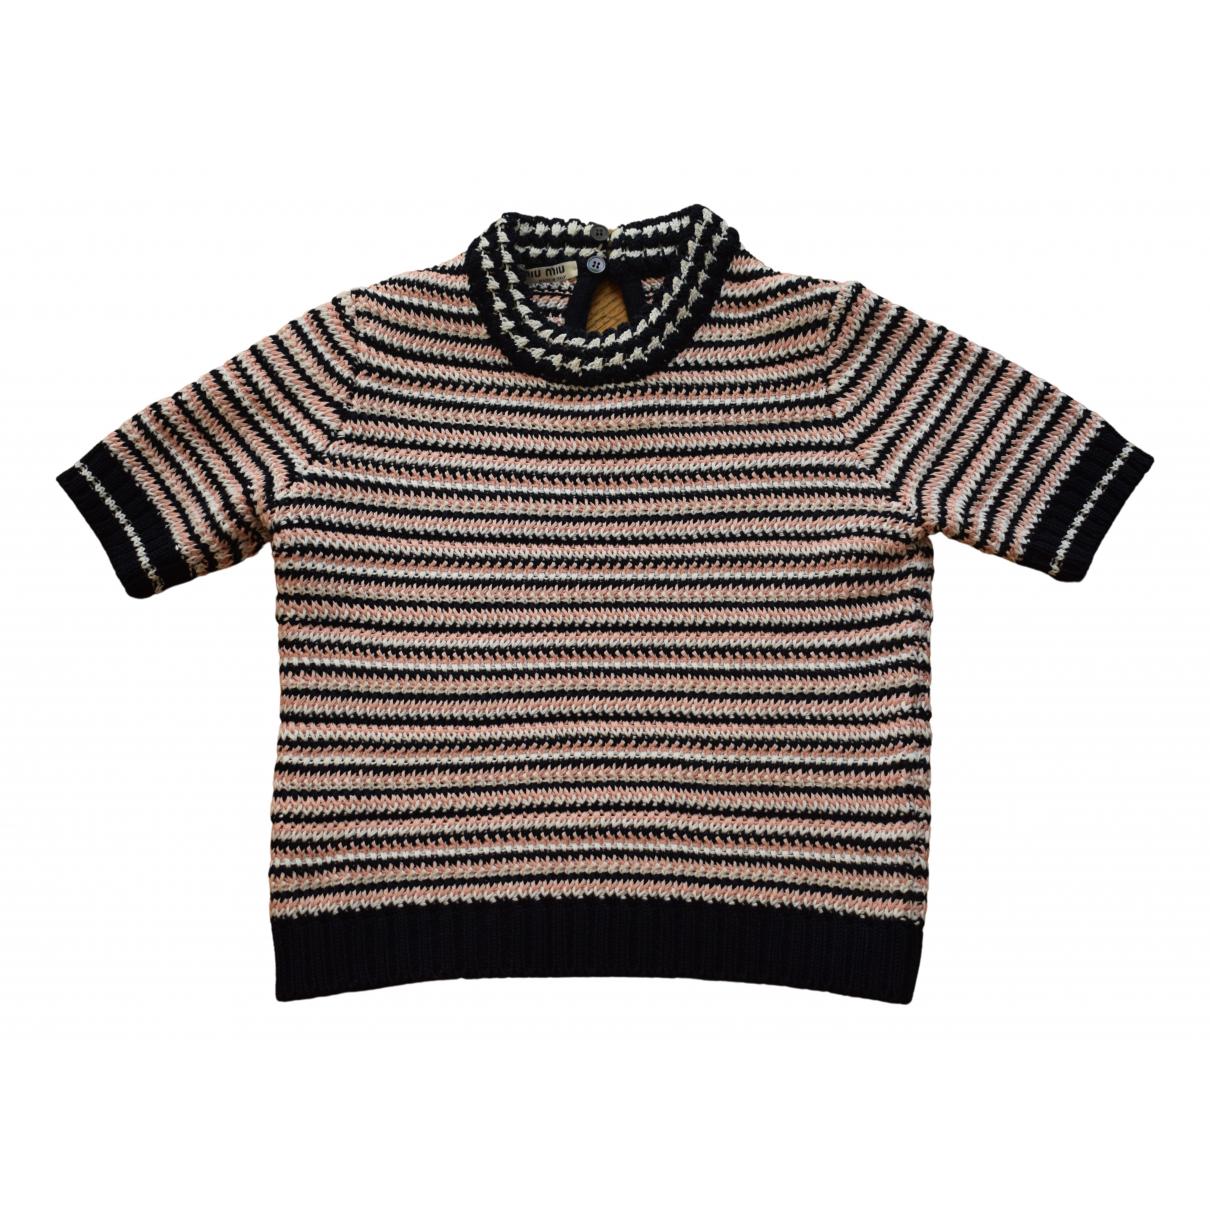 Miu Miu N Blue Cotton Knitwear for Women 36 FR